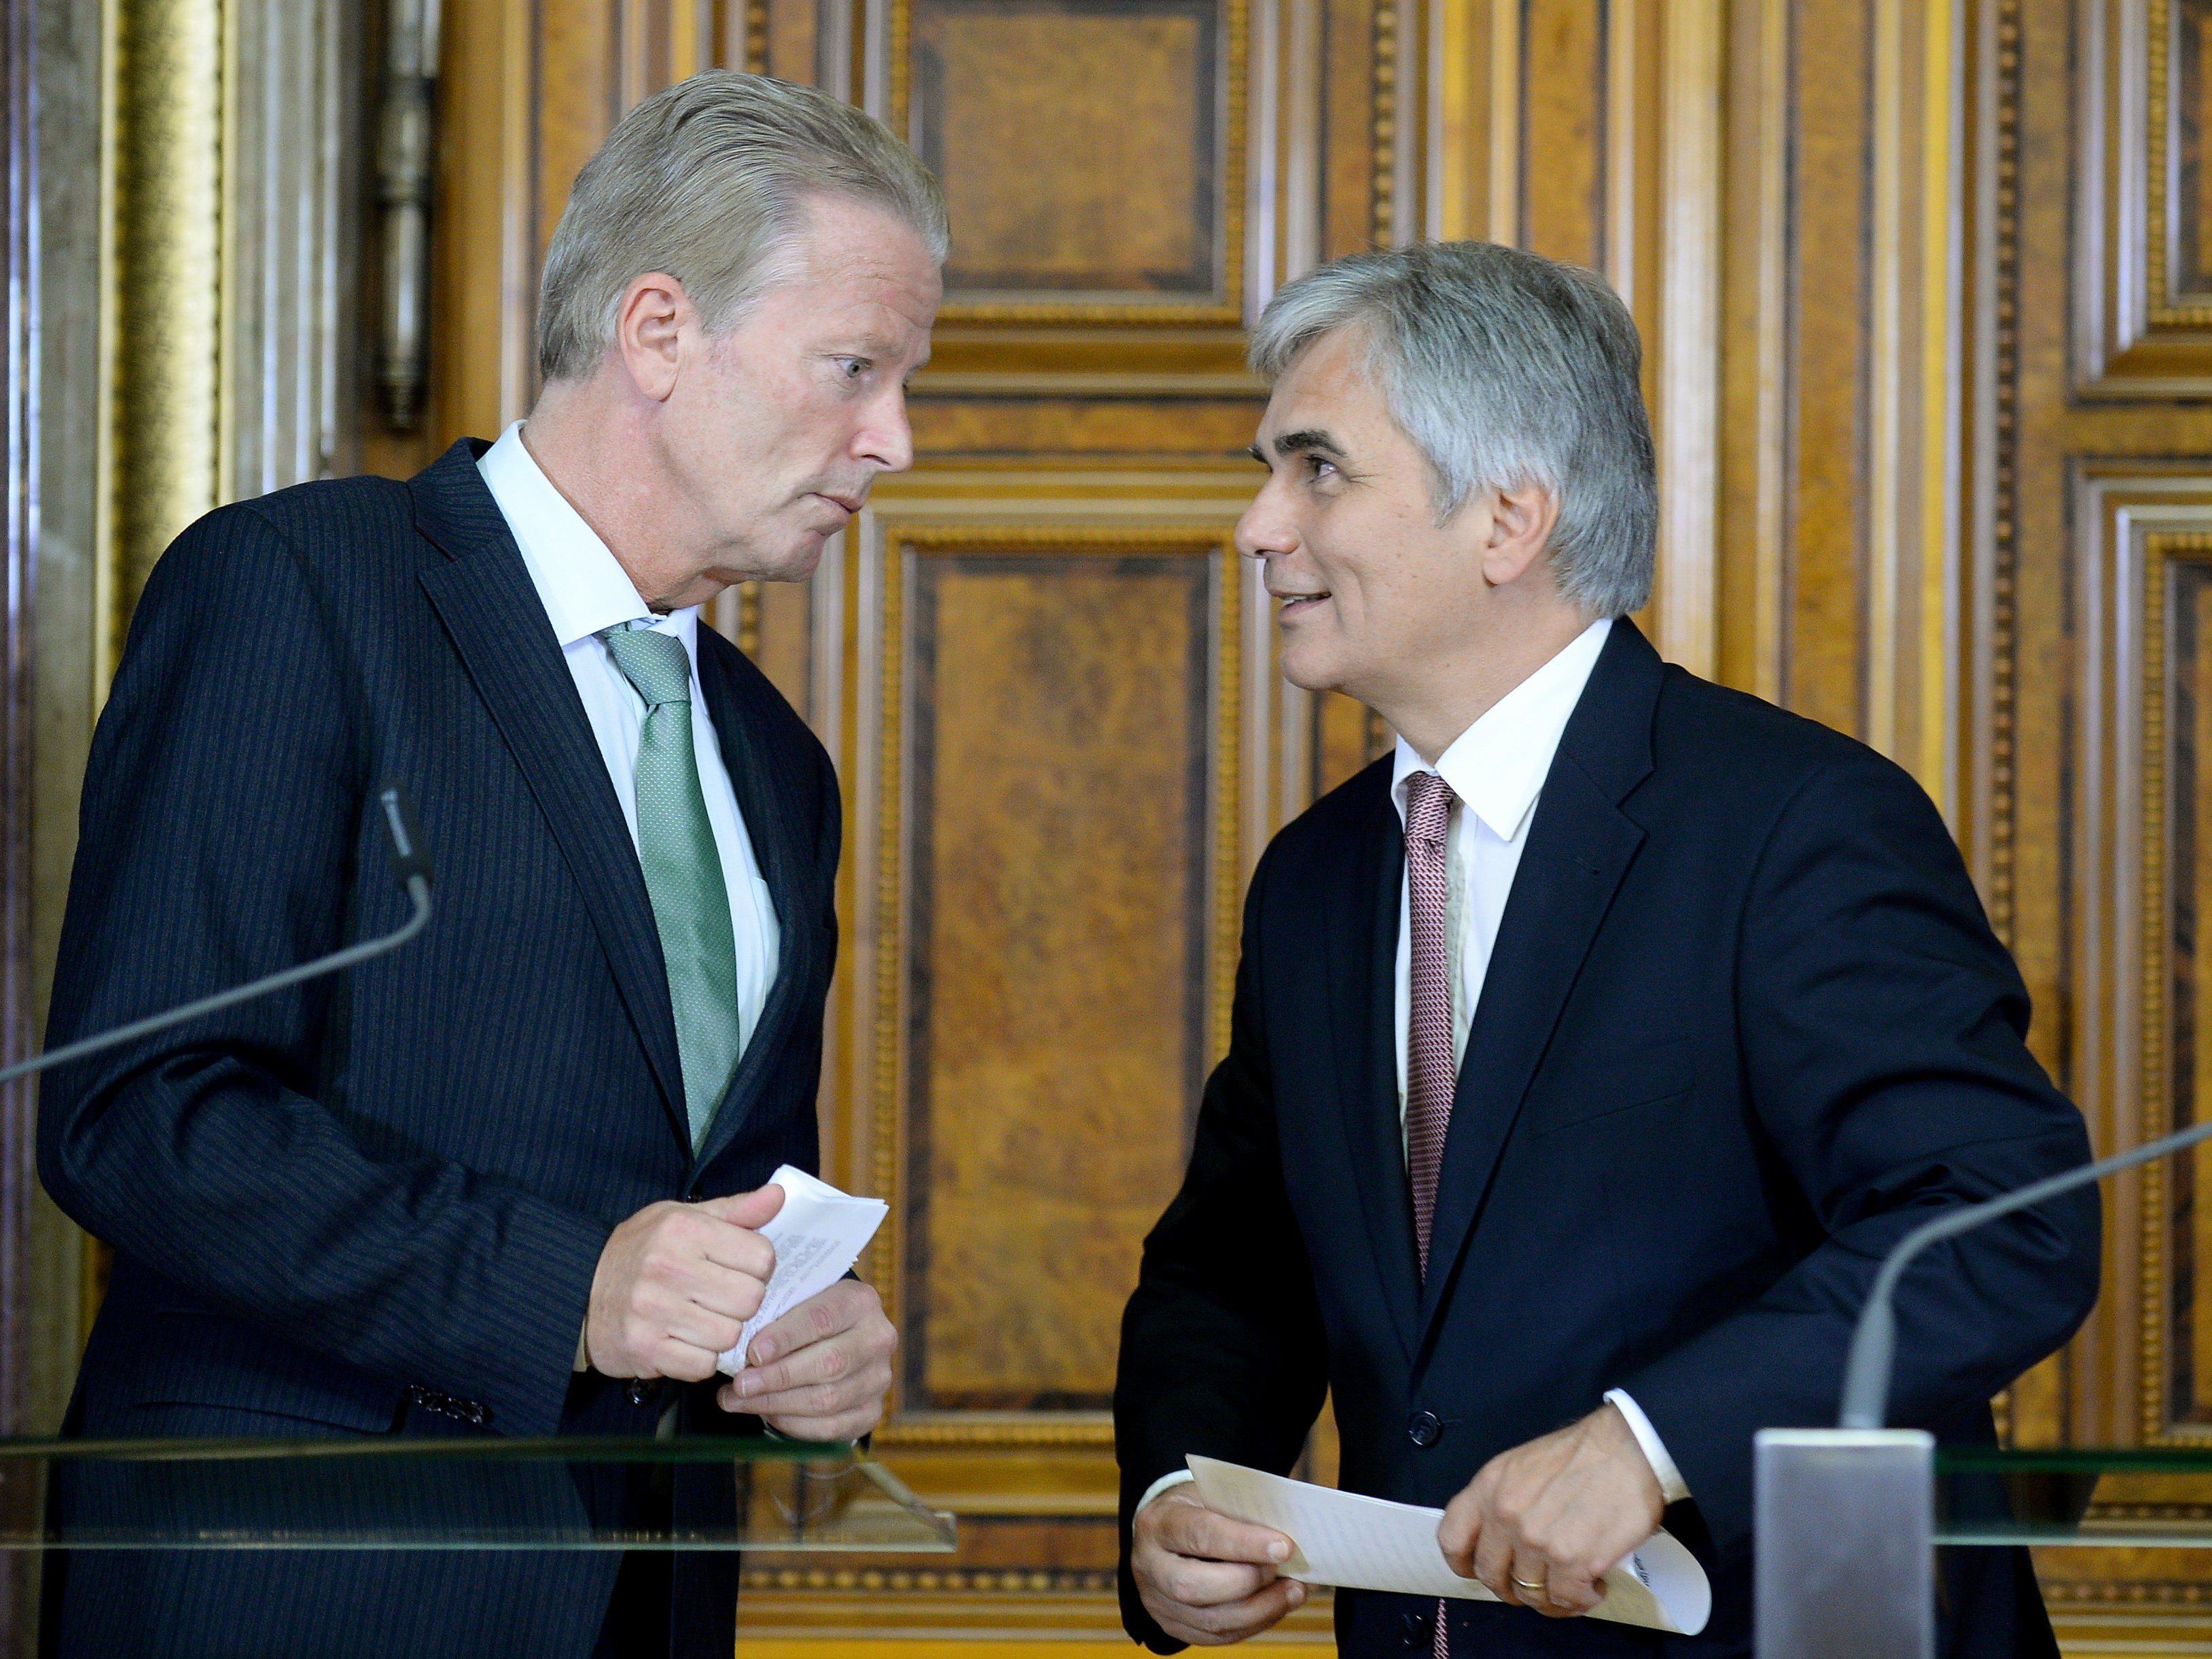 Steuerreform: Mitterlehner (l.) glaubt an einen Kompromiss mit der SPÖ.